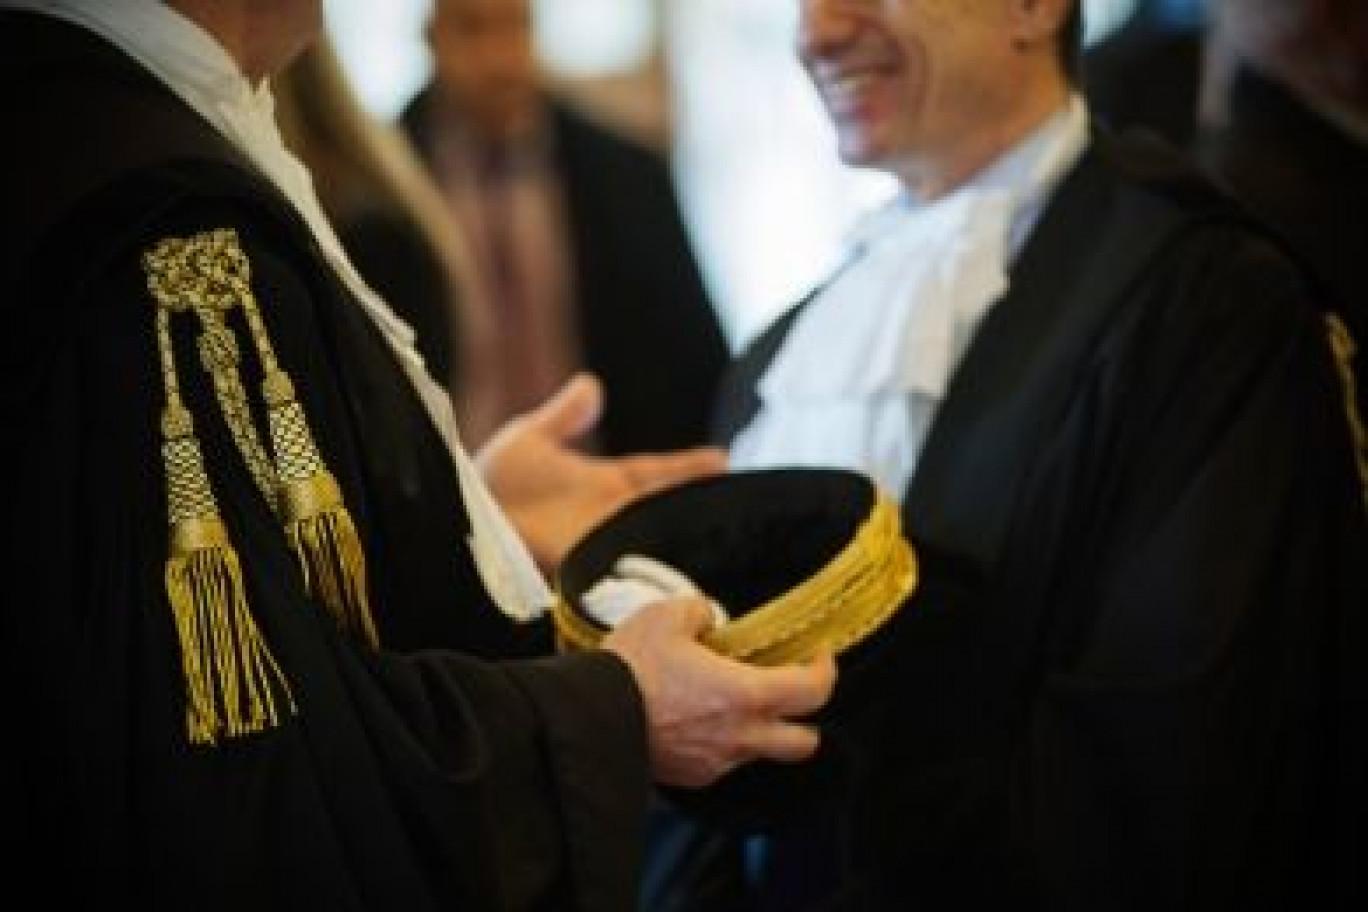 La banda dei giudici corrotti: l'inchiesta che sta sconvolgendo la magistratura